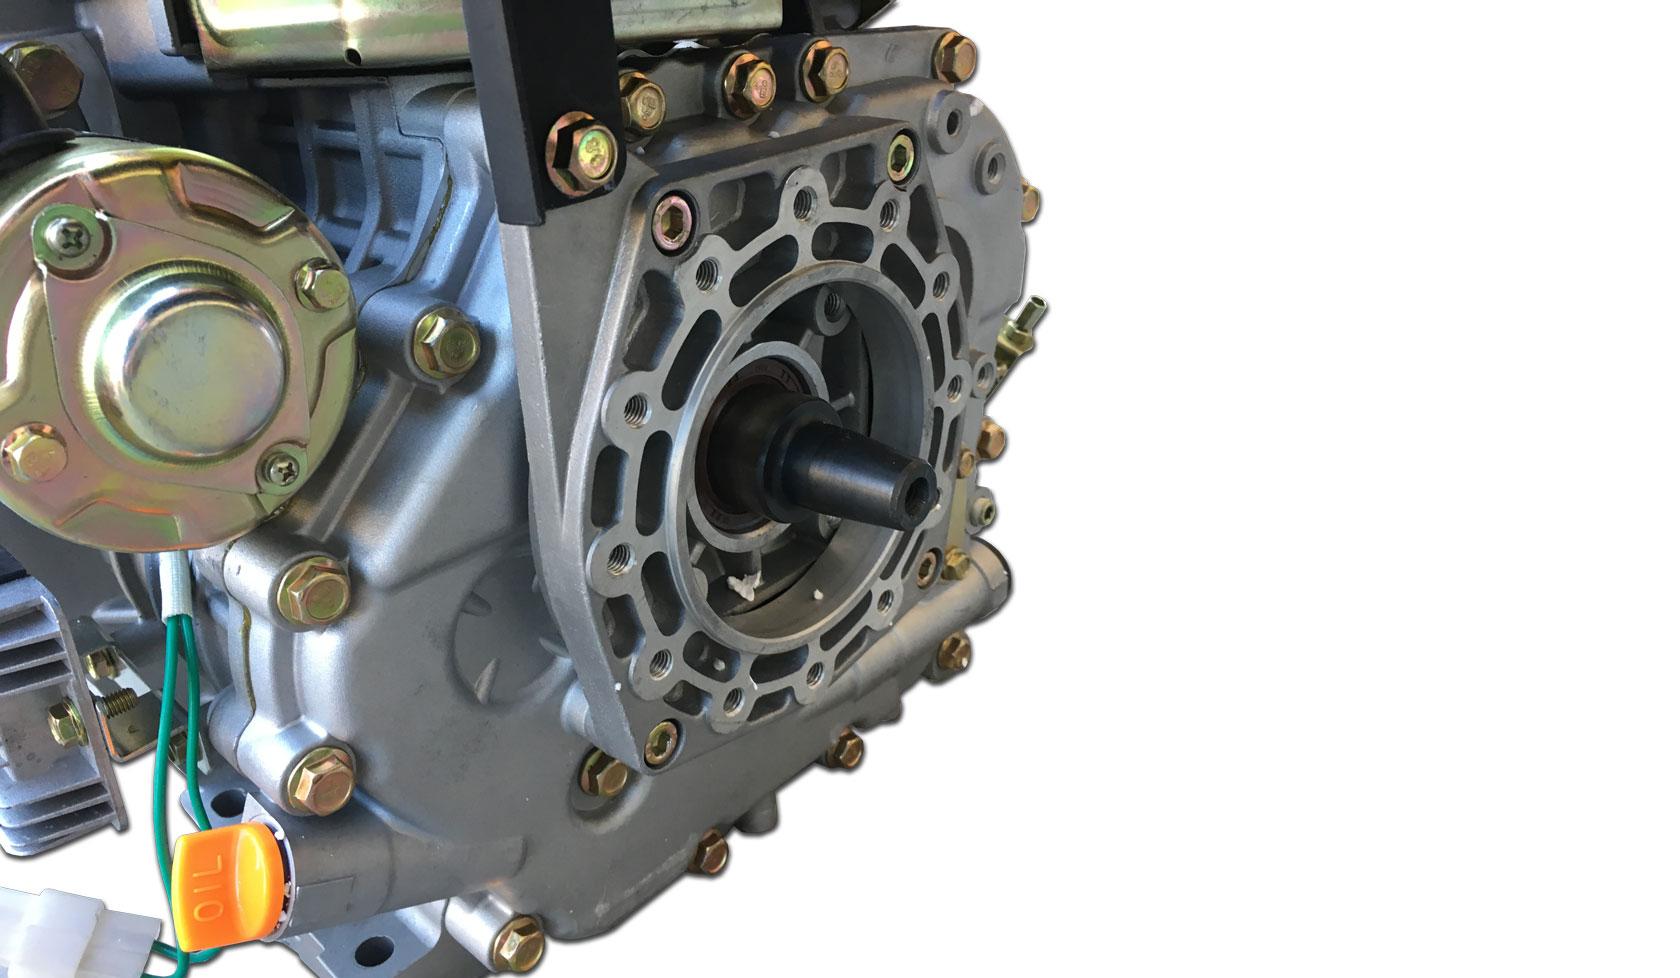 Motore Diesel IM406 Conico 4 Tempi - Imbriano Srl